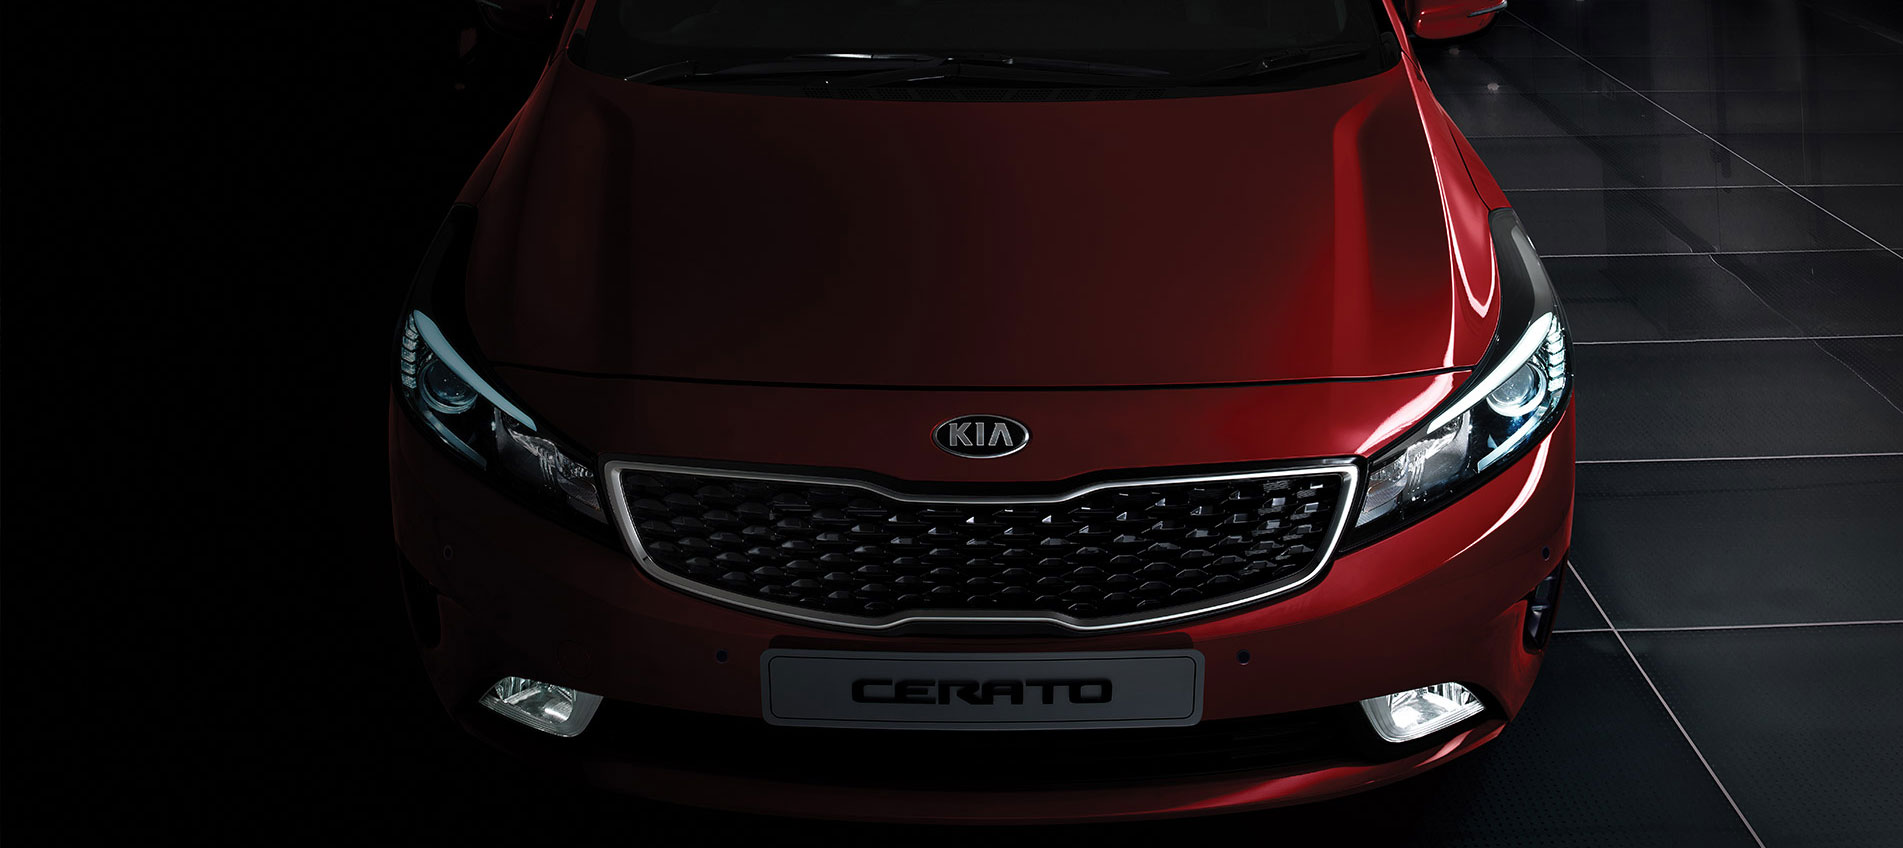 Kia Cerato Sedan Image 2